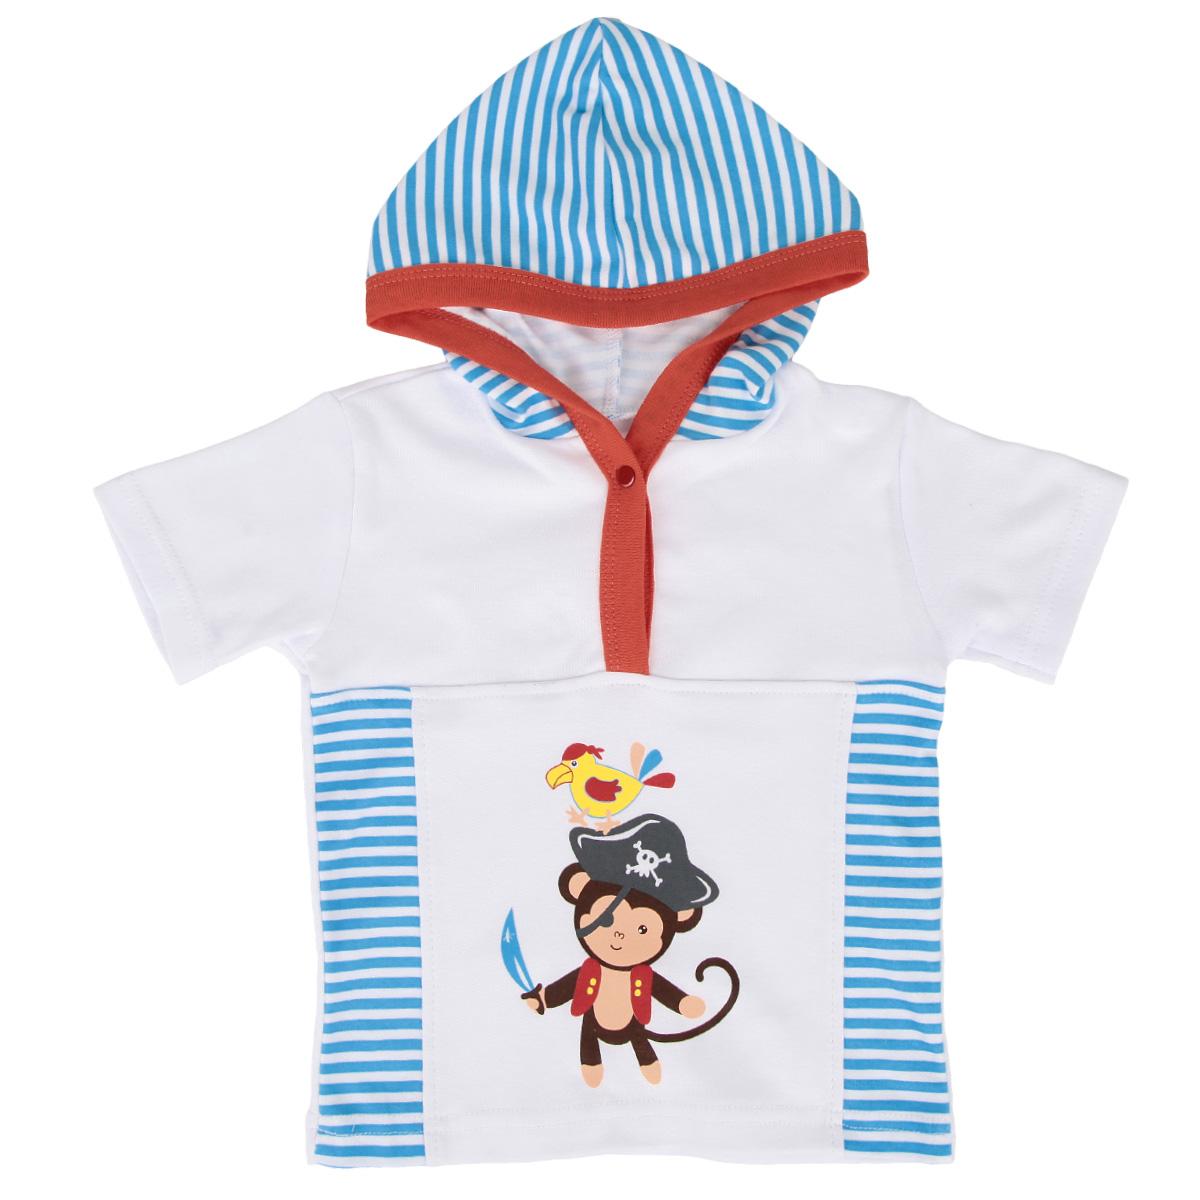 Футболка3762Очаровательная футболка для мальчика КотМарКот послужит идеальным дополнением к гардеробу вашего малыша, обеспечивая ему наибольший комфорт. Изготовленная из натурального хлопка - интерлока, она необычайно мягкая и легкая, не раздражает нежную кожу ребенка и хорошо вентилируется, а эластичные швы приятны телу младенца и не препятствуют его движениям. Футболка с короткими рукавами и капюшоном на груди застегивается на металлическую застежку-кнопку. Окантовка капюшона и планка дополнены контрастной трикотажной бейкой. Оформлено изделие принтом в полоску, а также принтом с изображением обезьянки-пирата. Футболка полностью соответствует особенностям жизни малыша в ранний период, не стесняя и не ограничивая его в движениях.